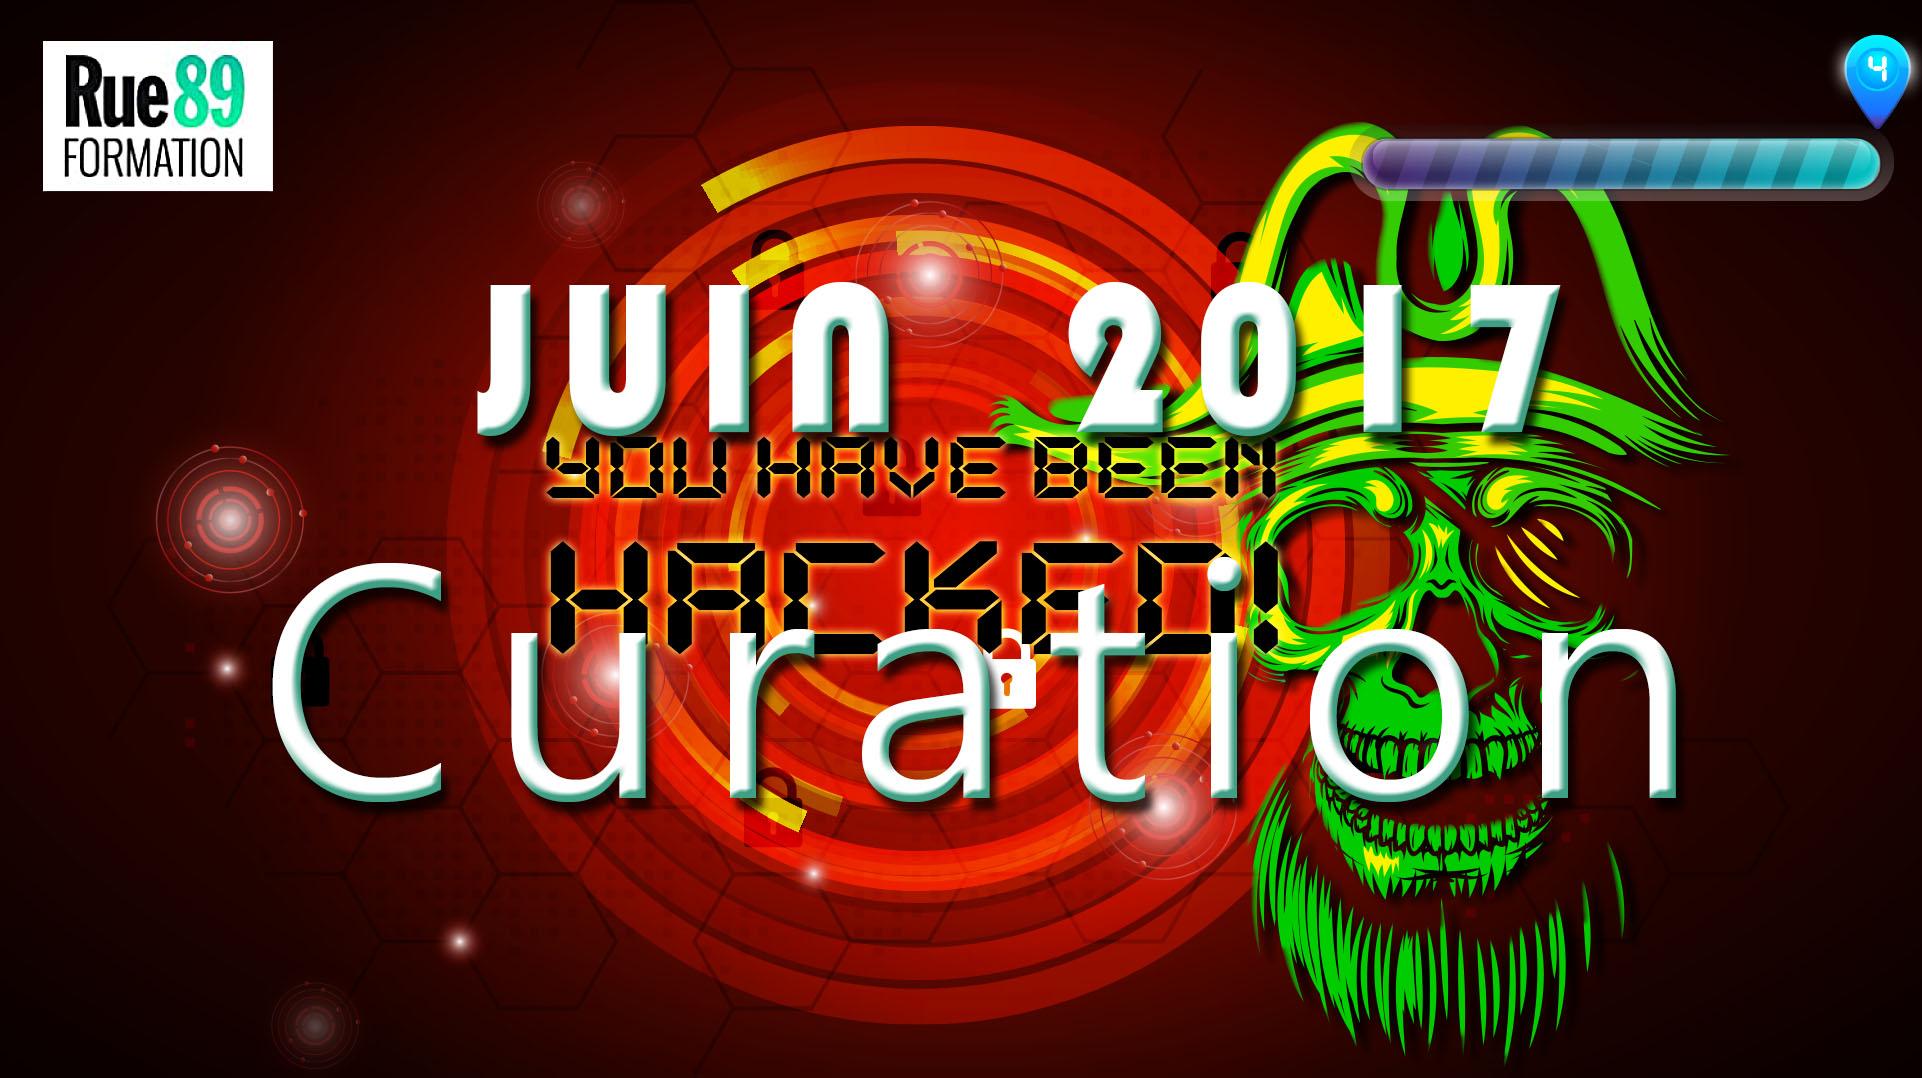 curation juin 4